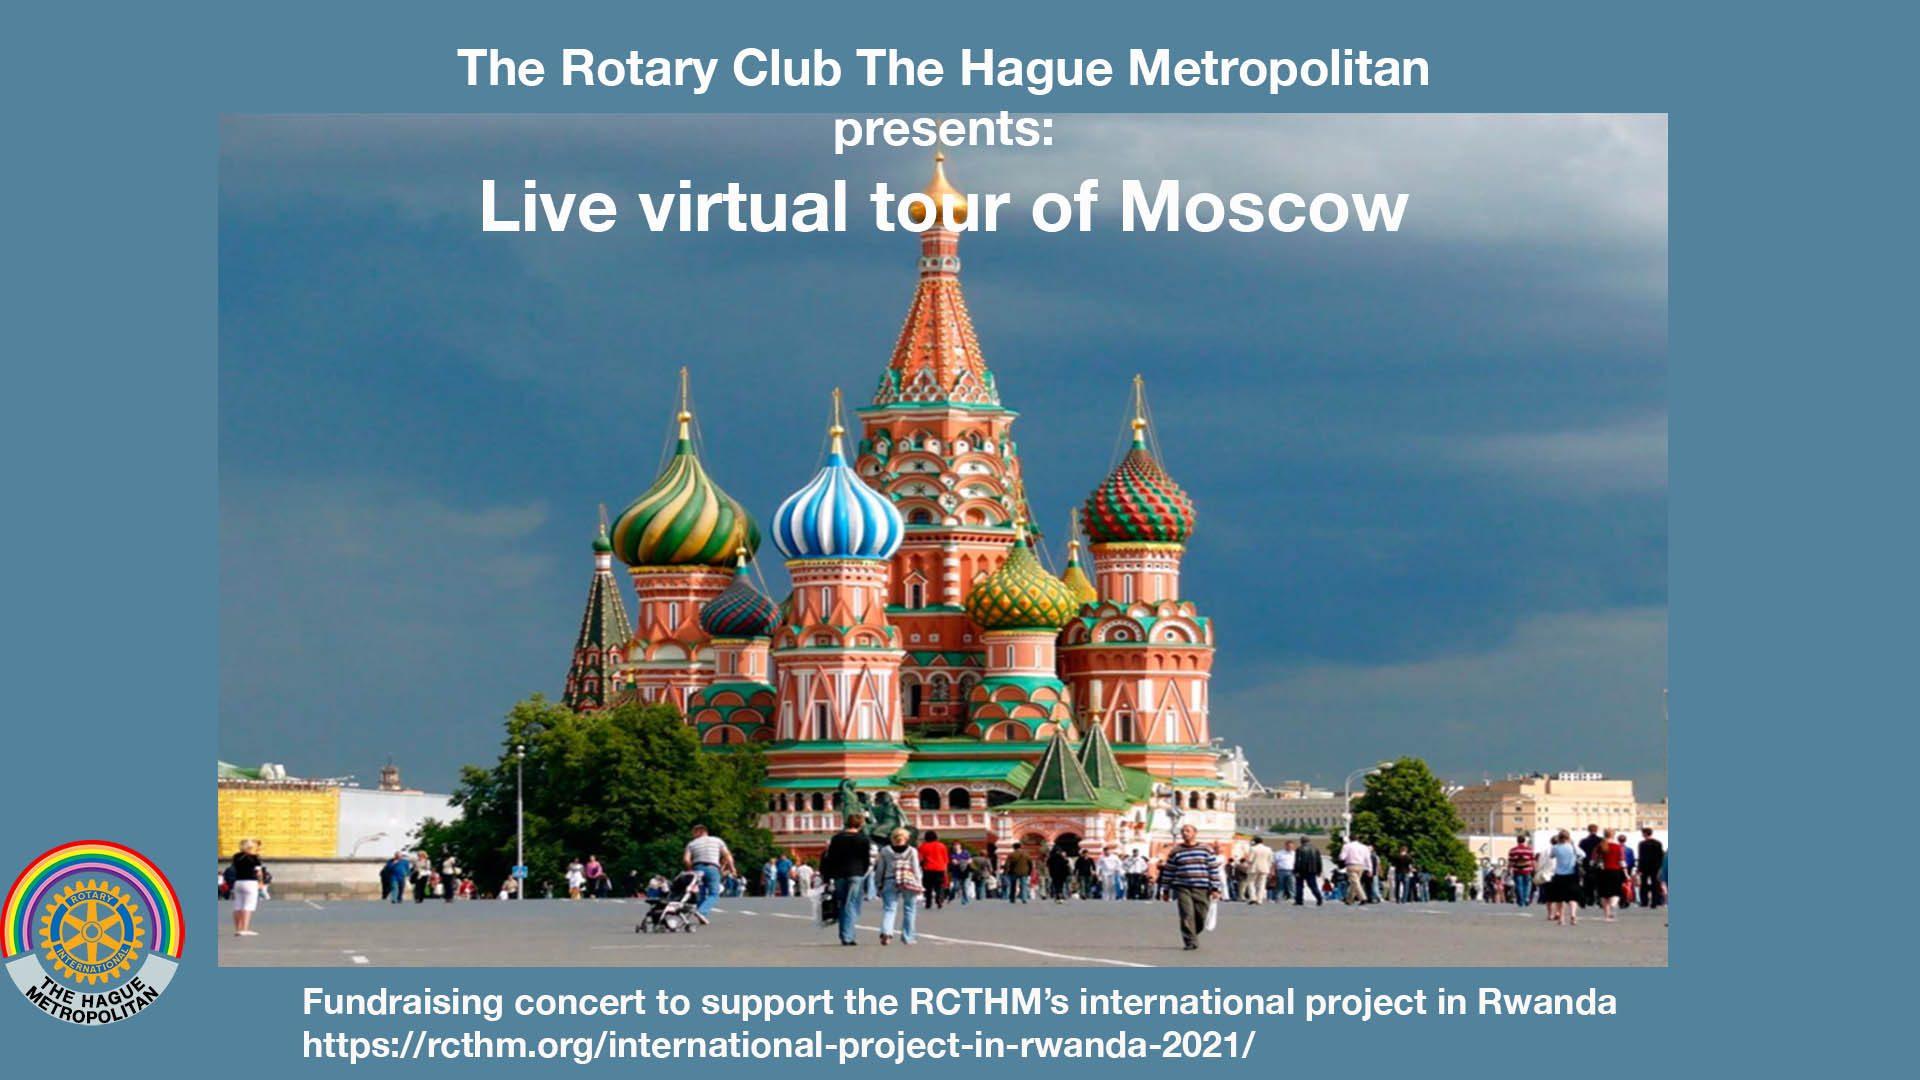 Rotary Club The Hague Metropolitan